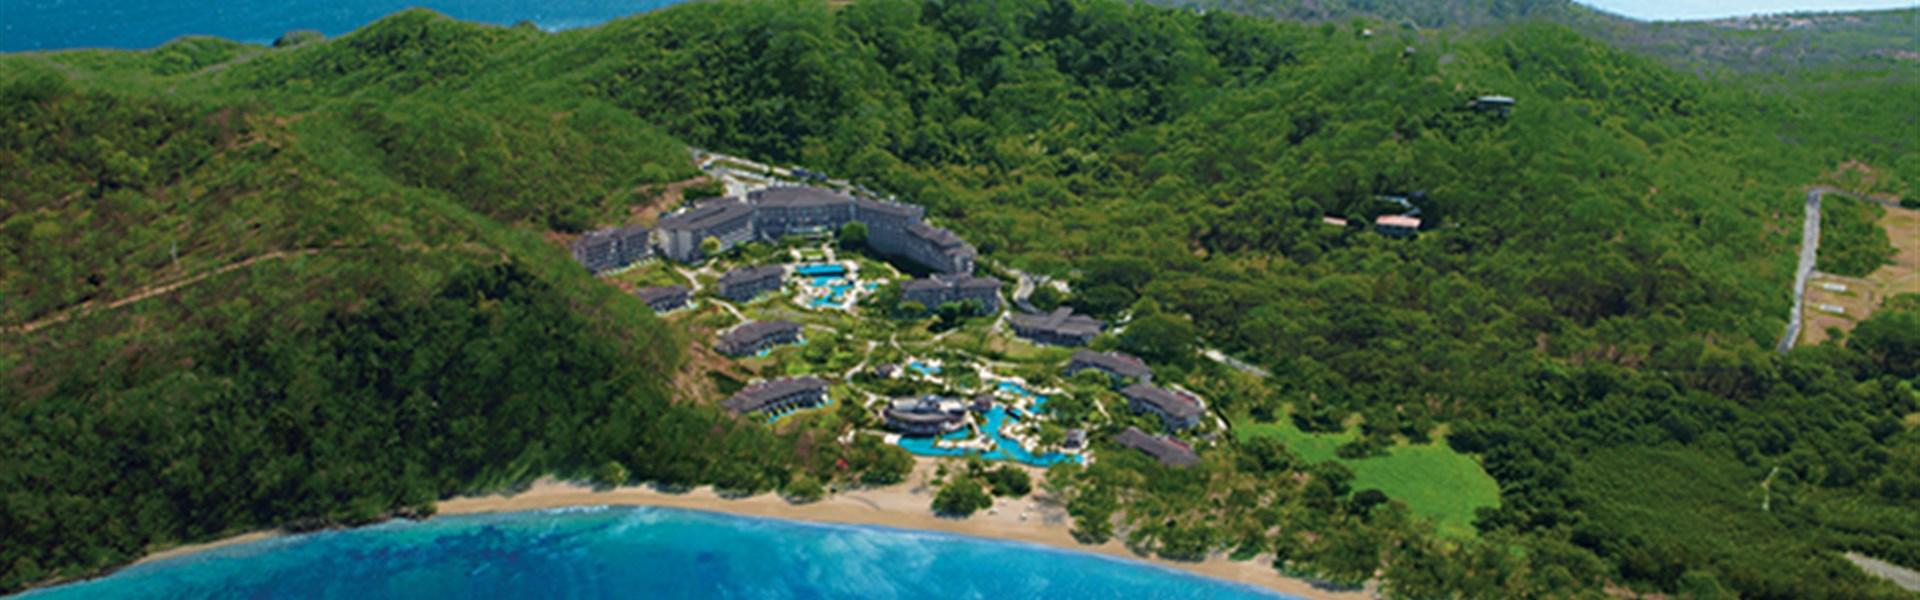 Dreams Las Mareas Costa Rica 5* - All Inclusive -